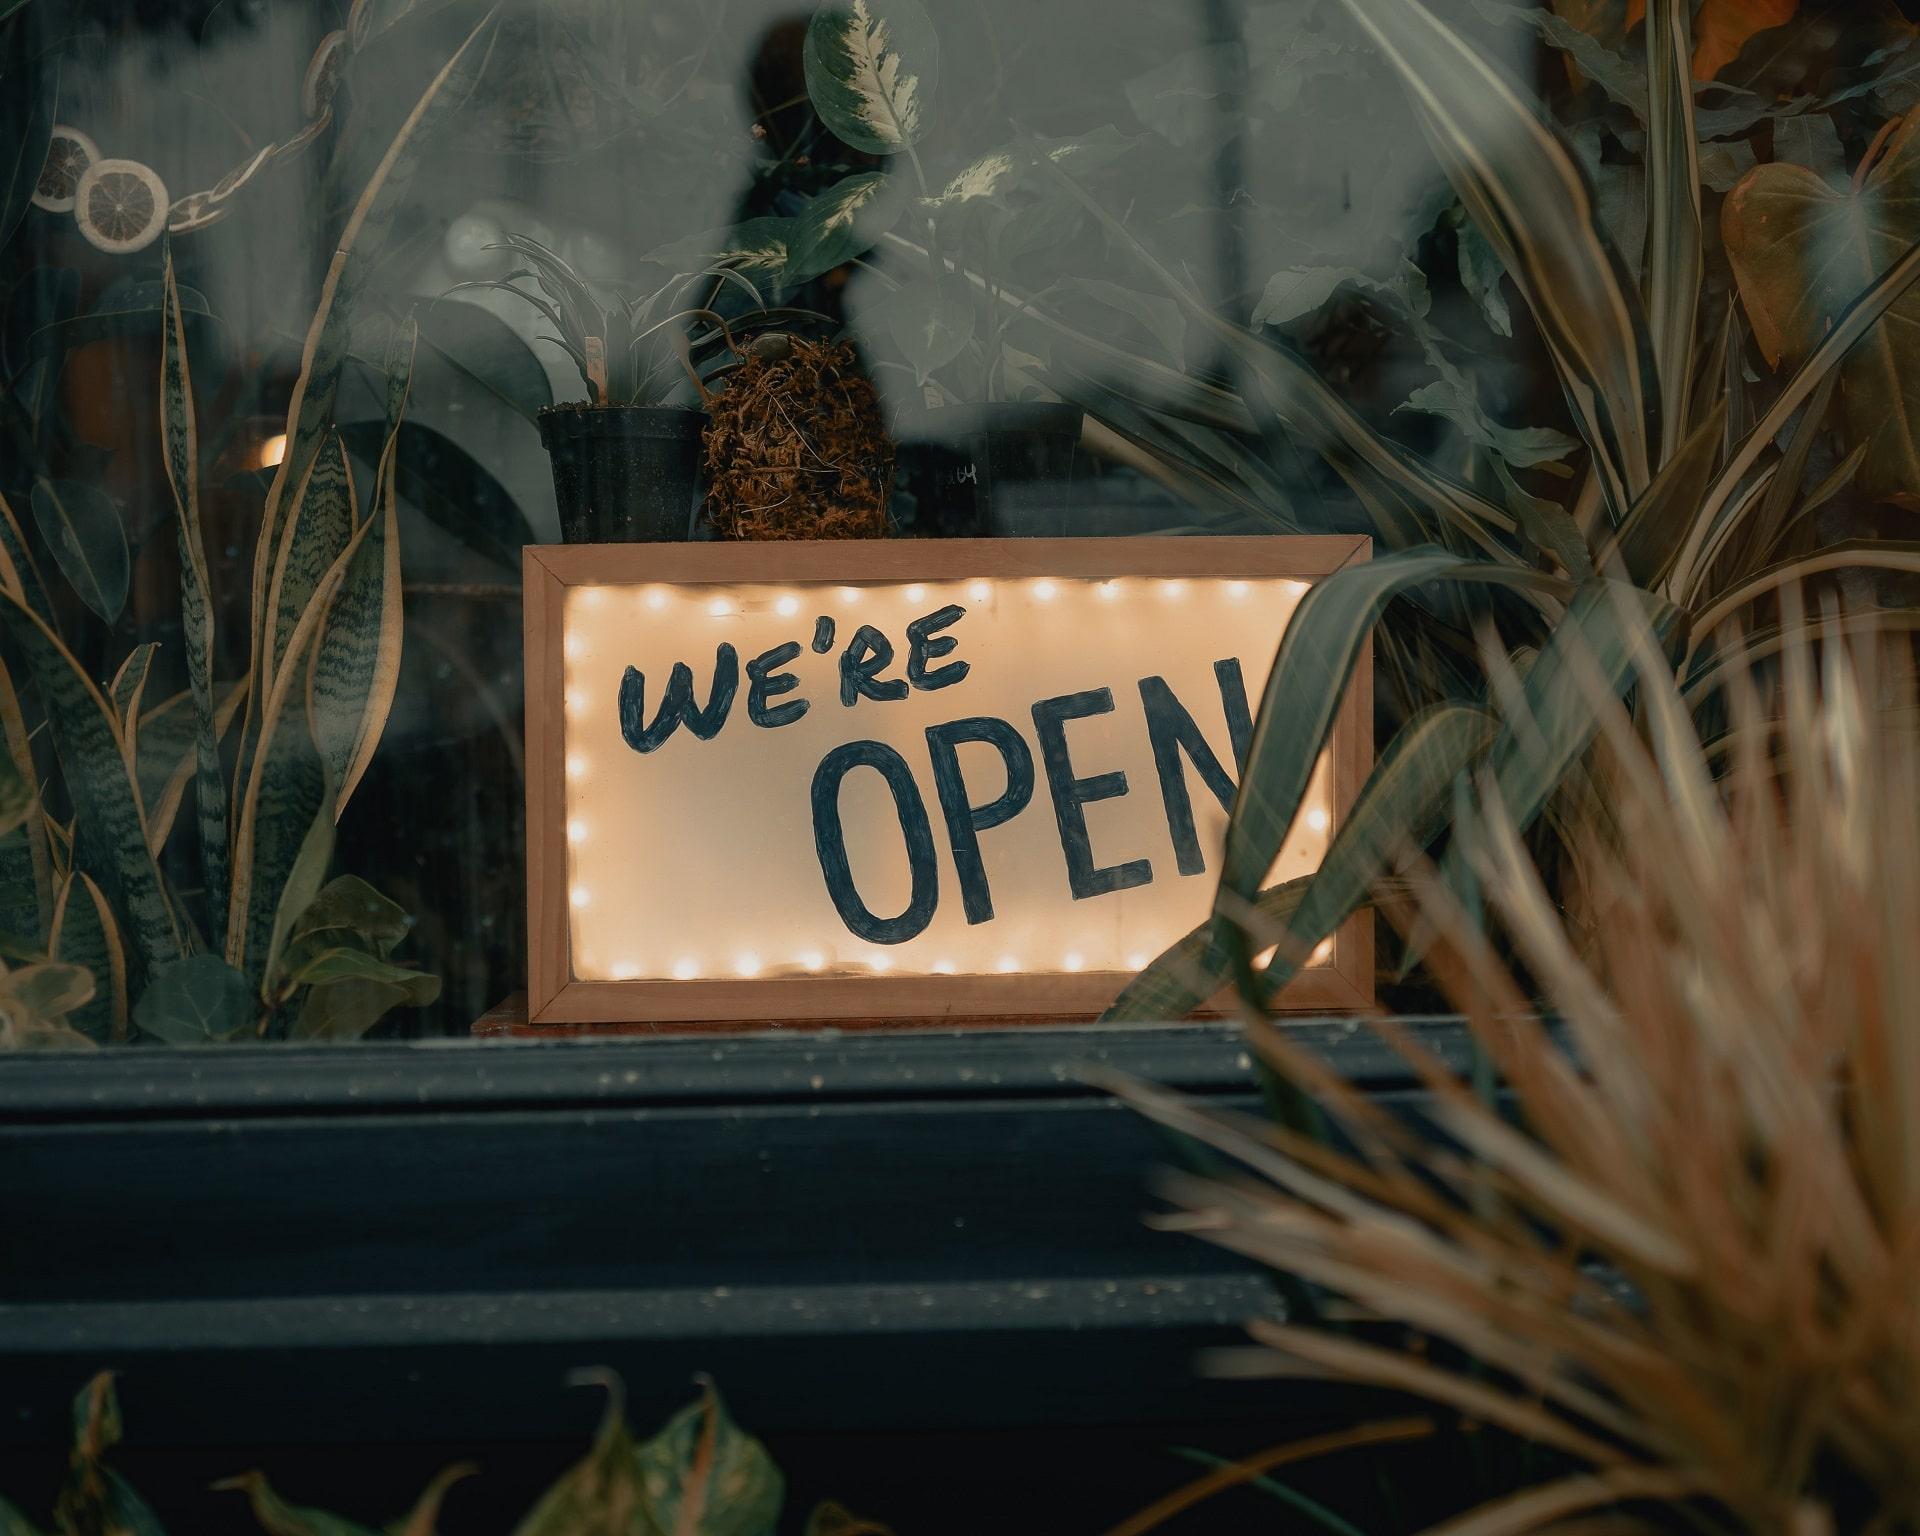 online shop pic 002